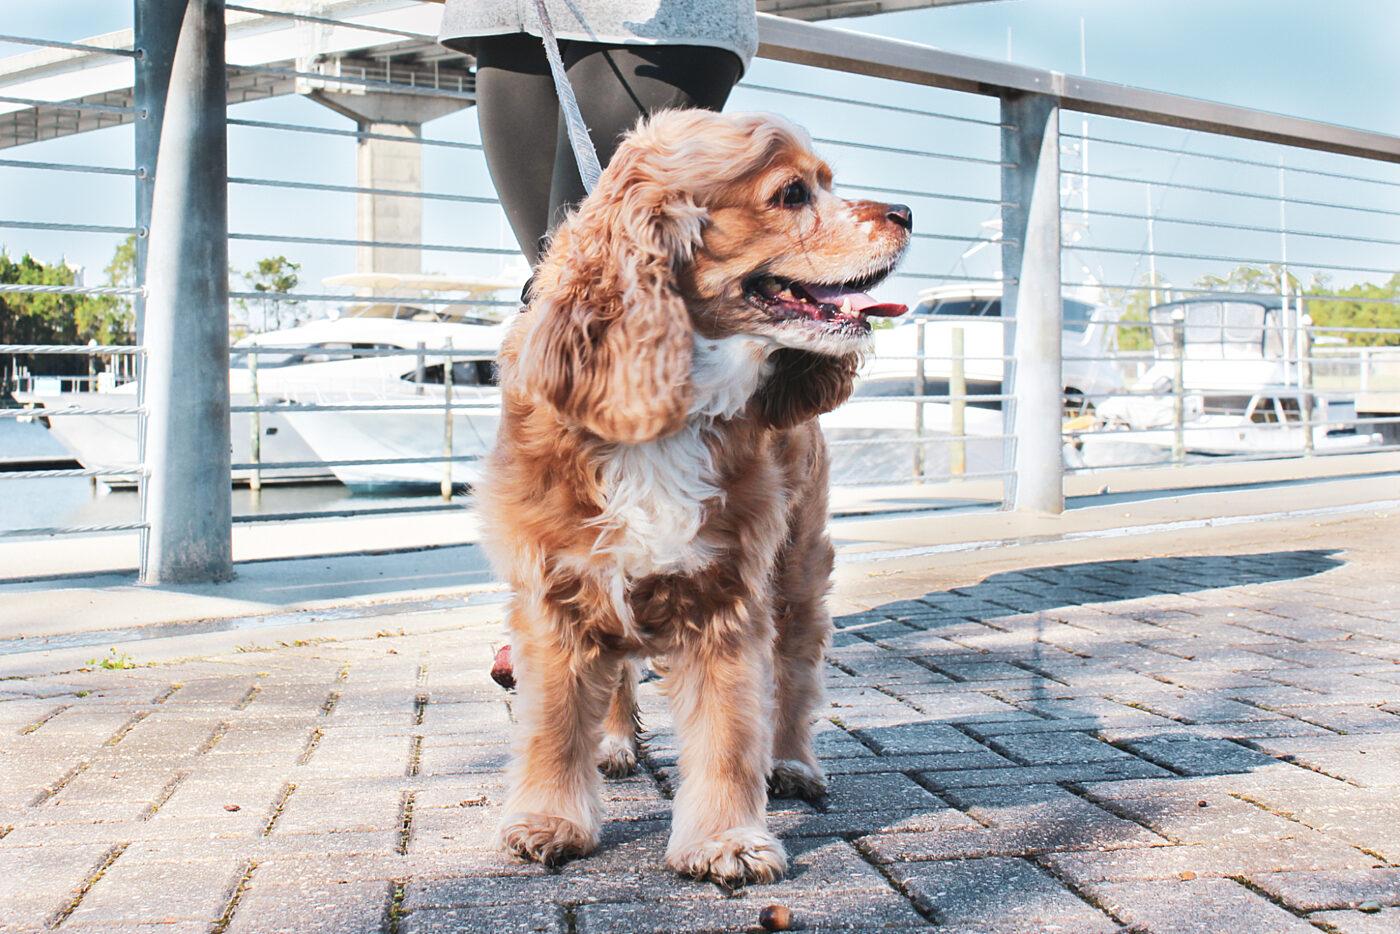 The Wharf Orange Beach Pet Etiquette Rules